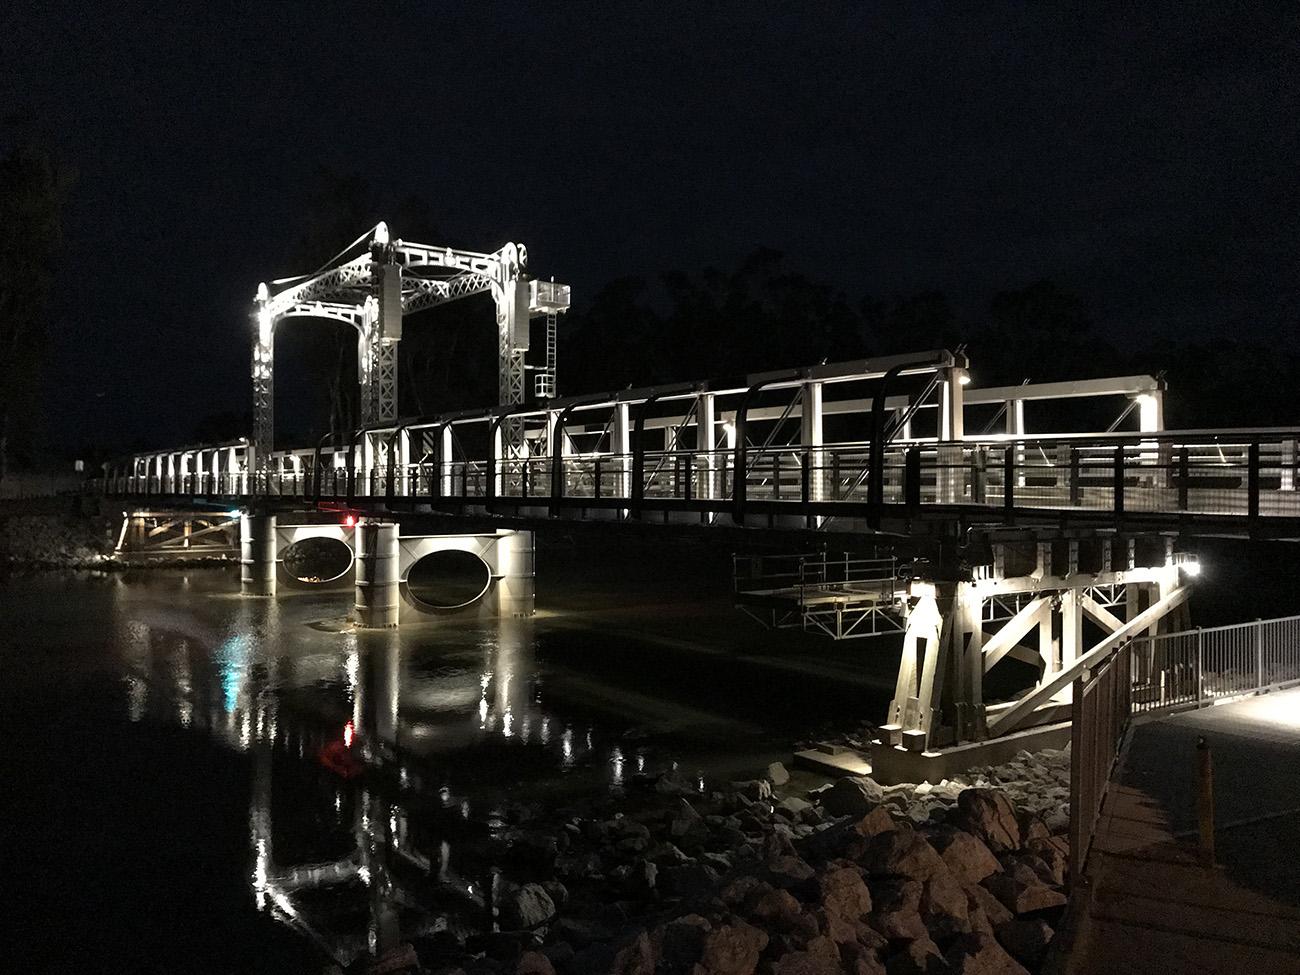 Barham Bridge at night